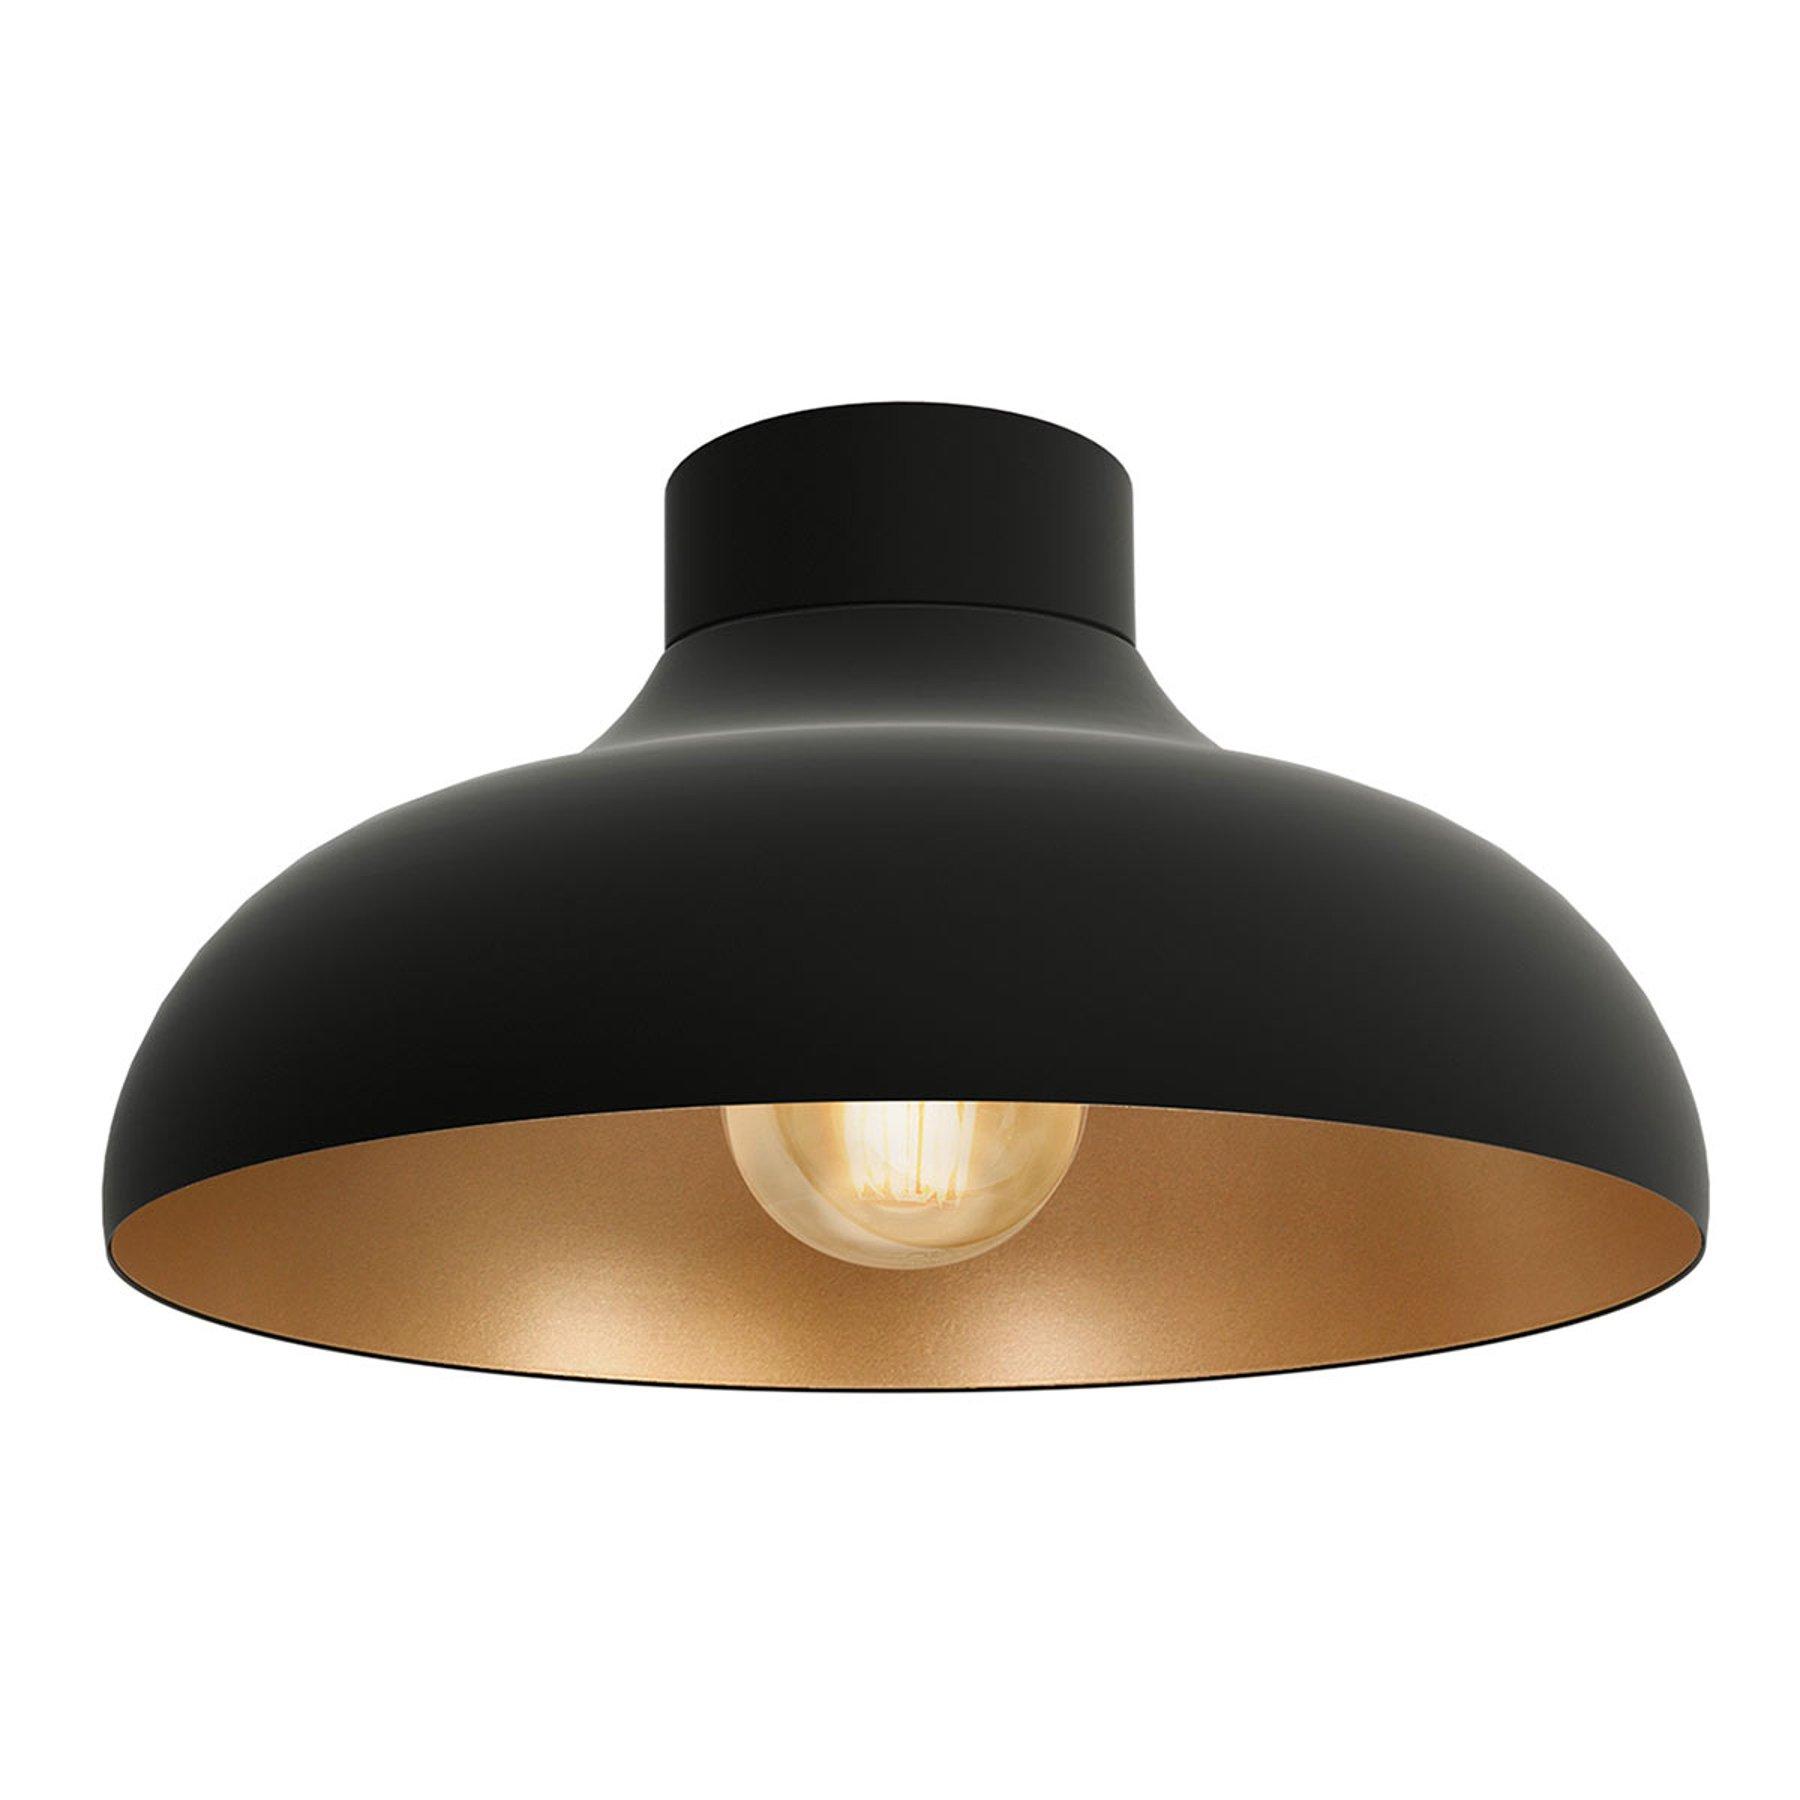 Basca taklampe, svart utvendig, kobber inni